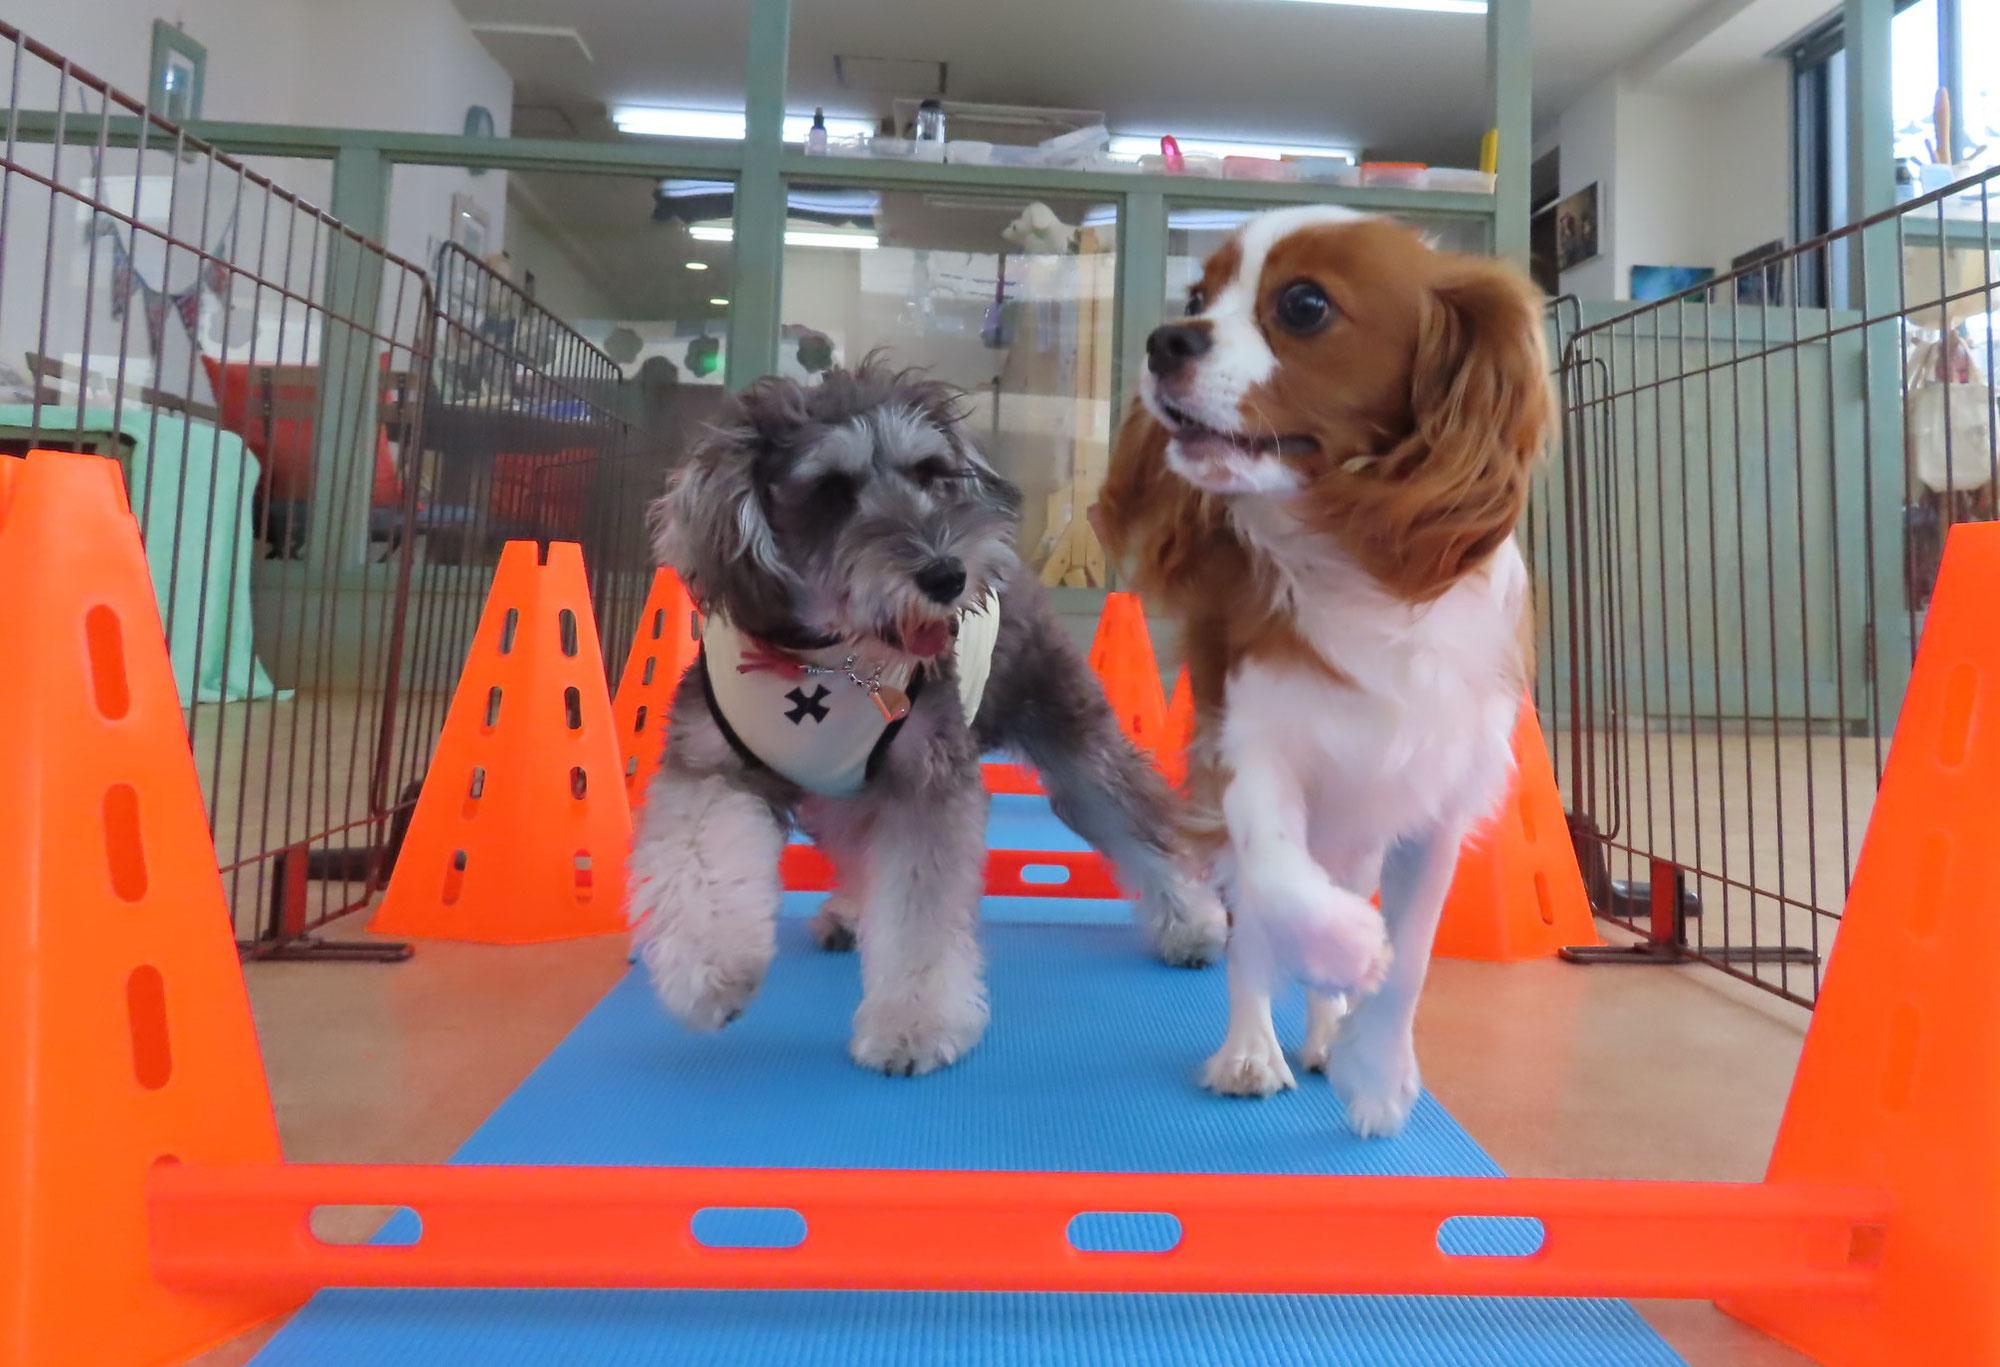 愛犬のお口のケアできていますか?  犬のしつけ教室@アロハドギー